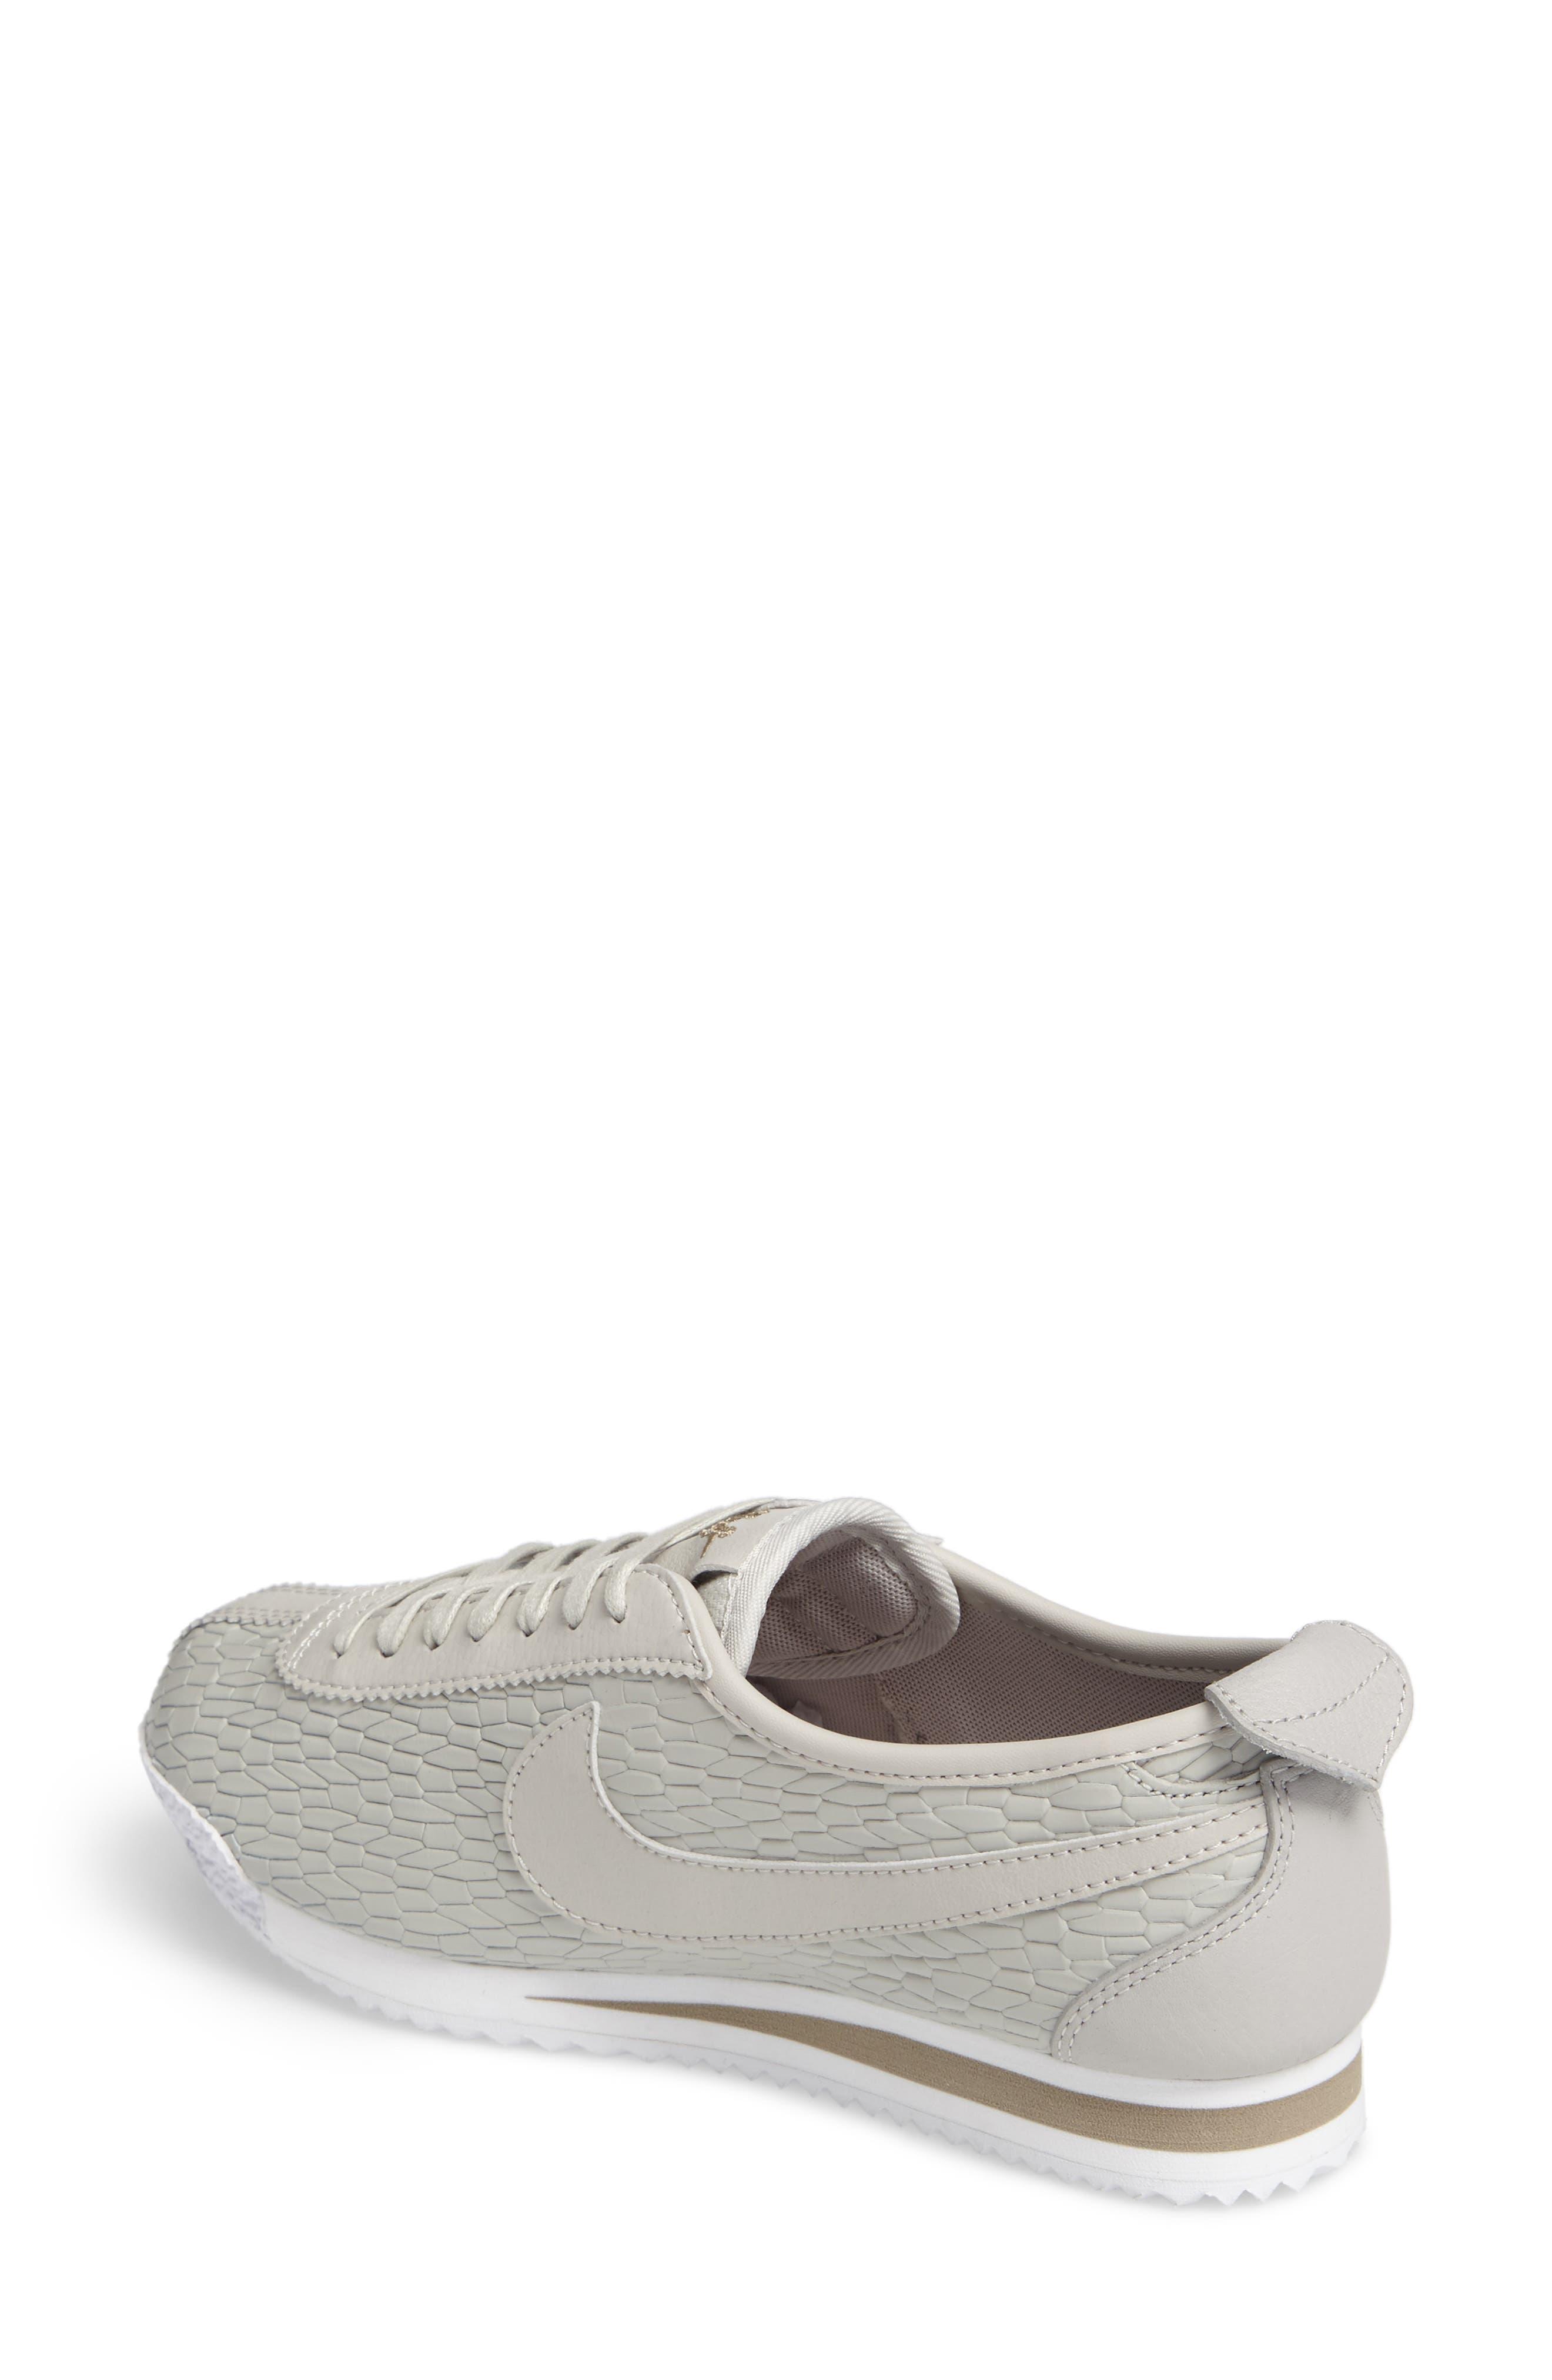 Cortez '72 Sneaker,                             Alternate thumbnail 8, color,